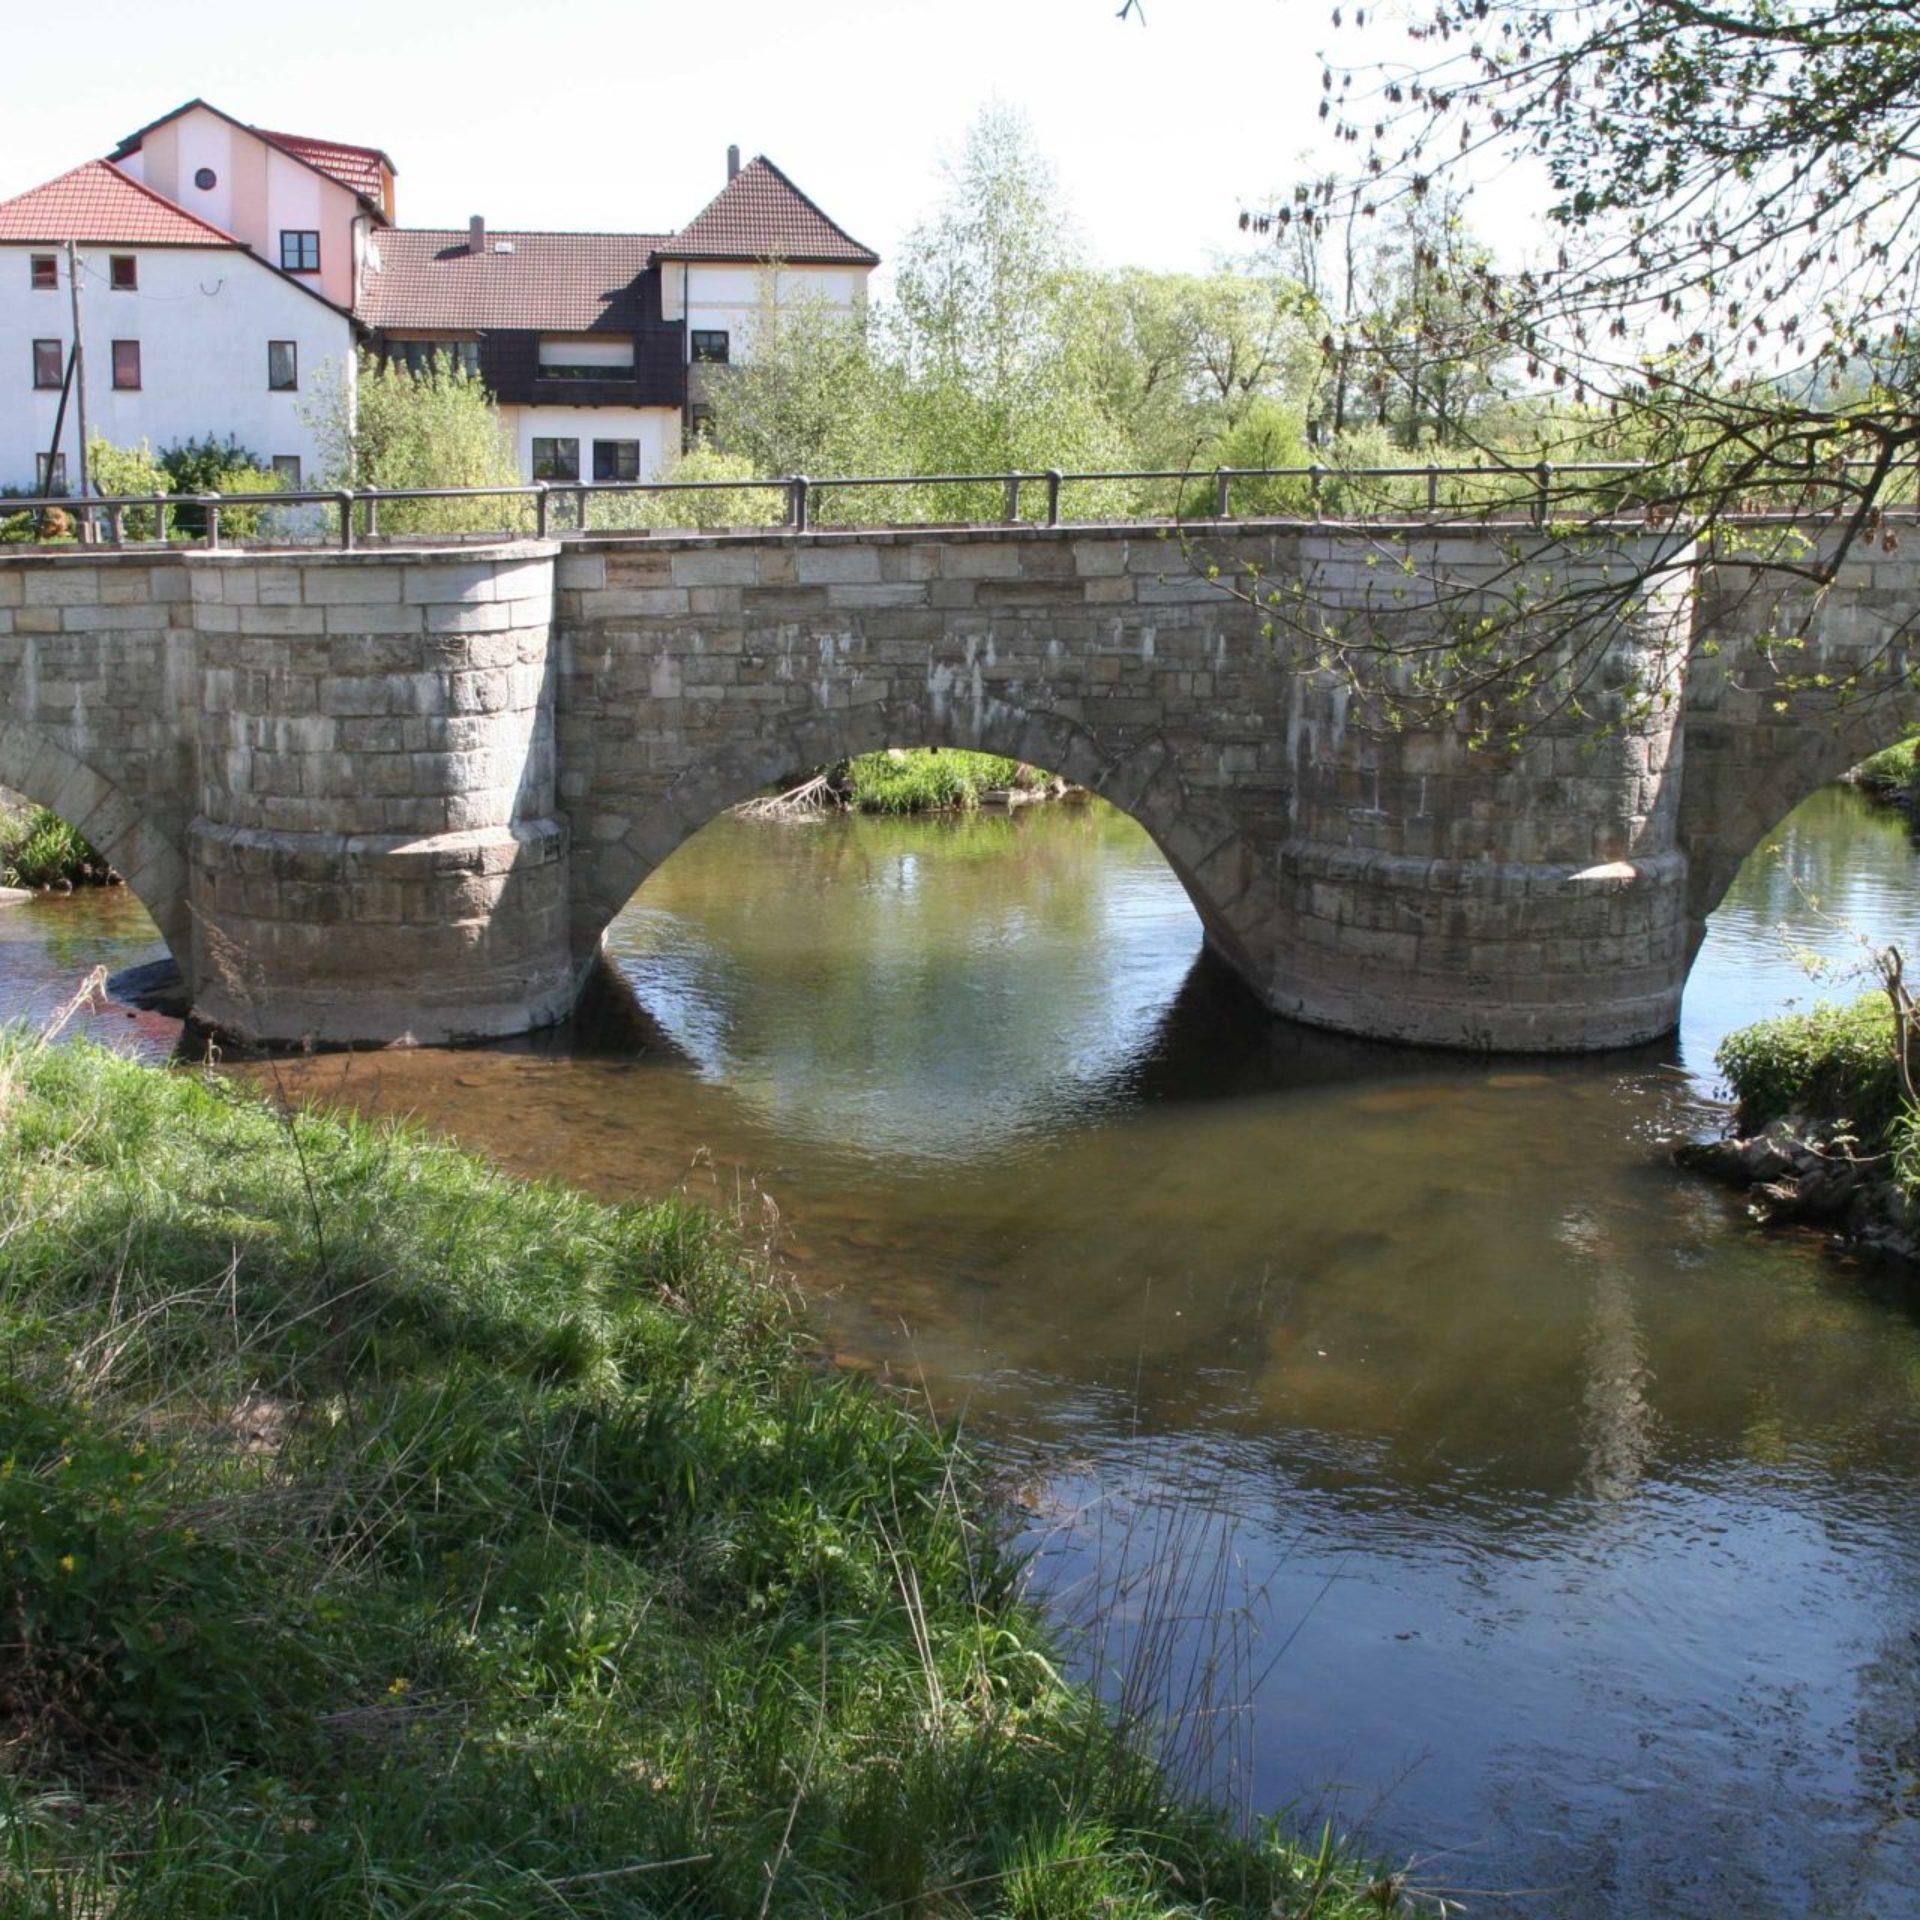 Werrabrücke Einhausen